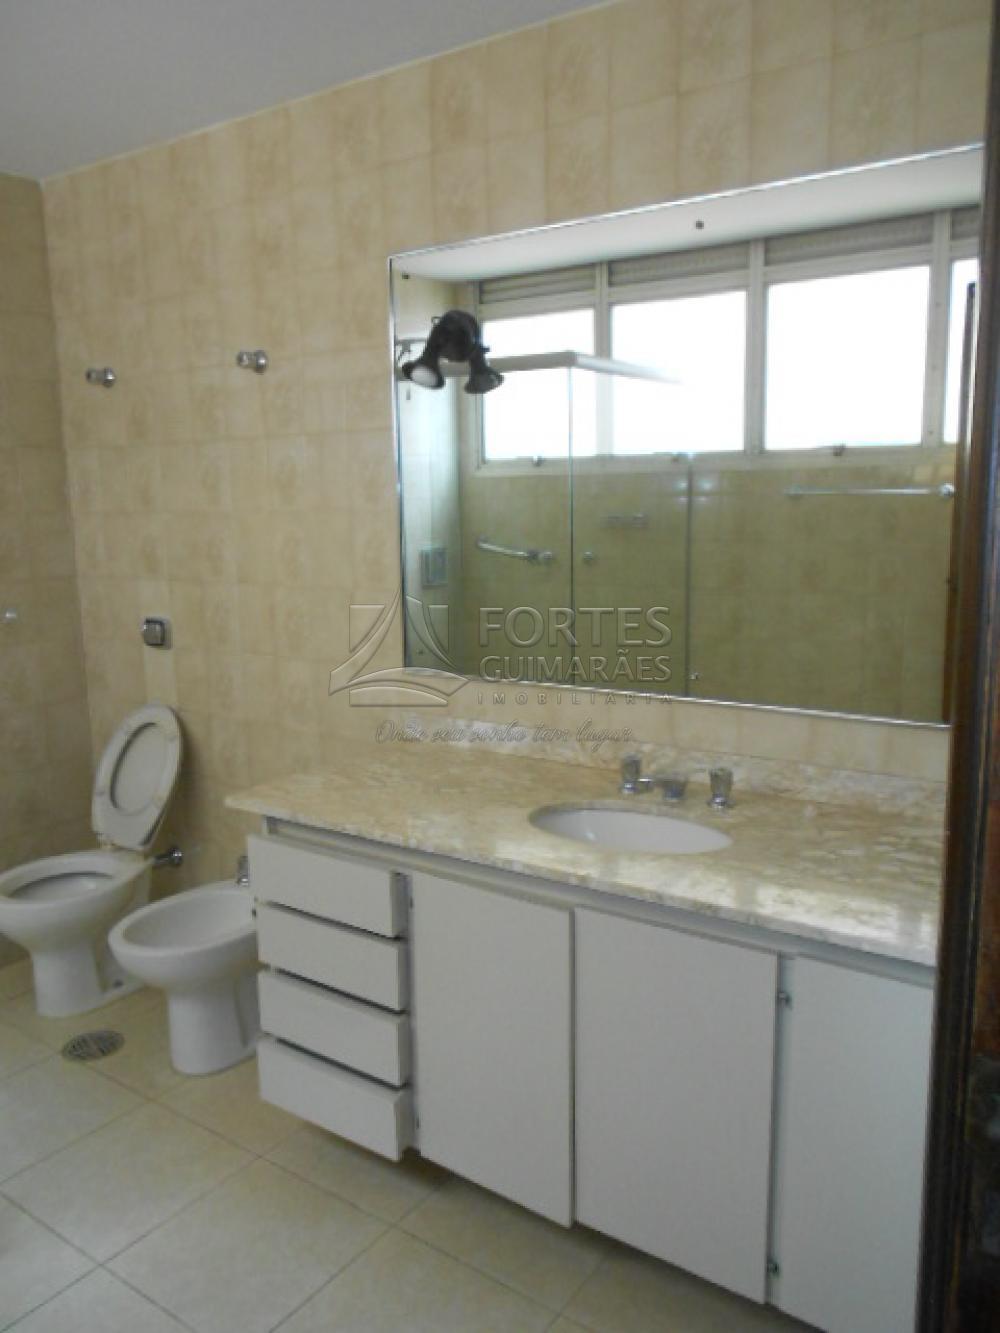 Alugar Apartamentos / Padrão em Ribeirão Preto apenas R$ 1.500,00 - Foto 58